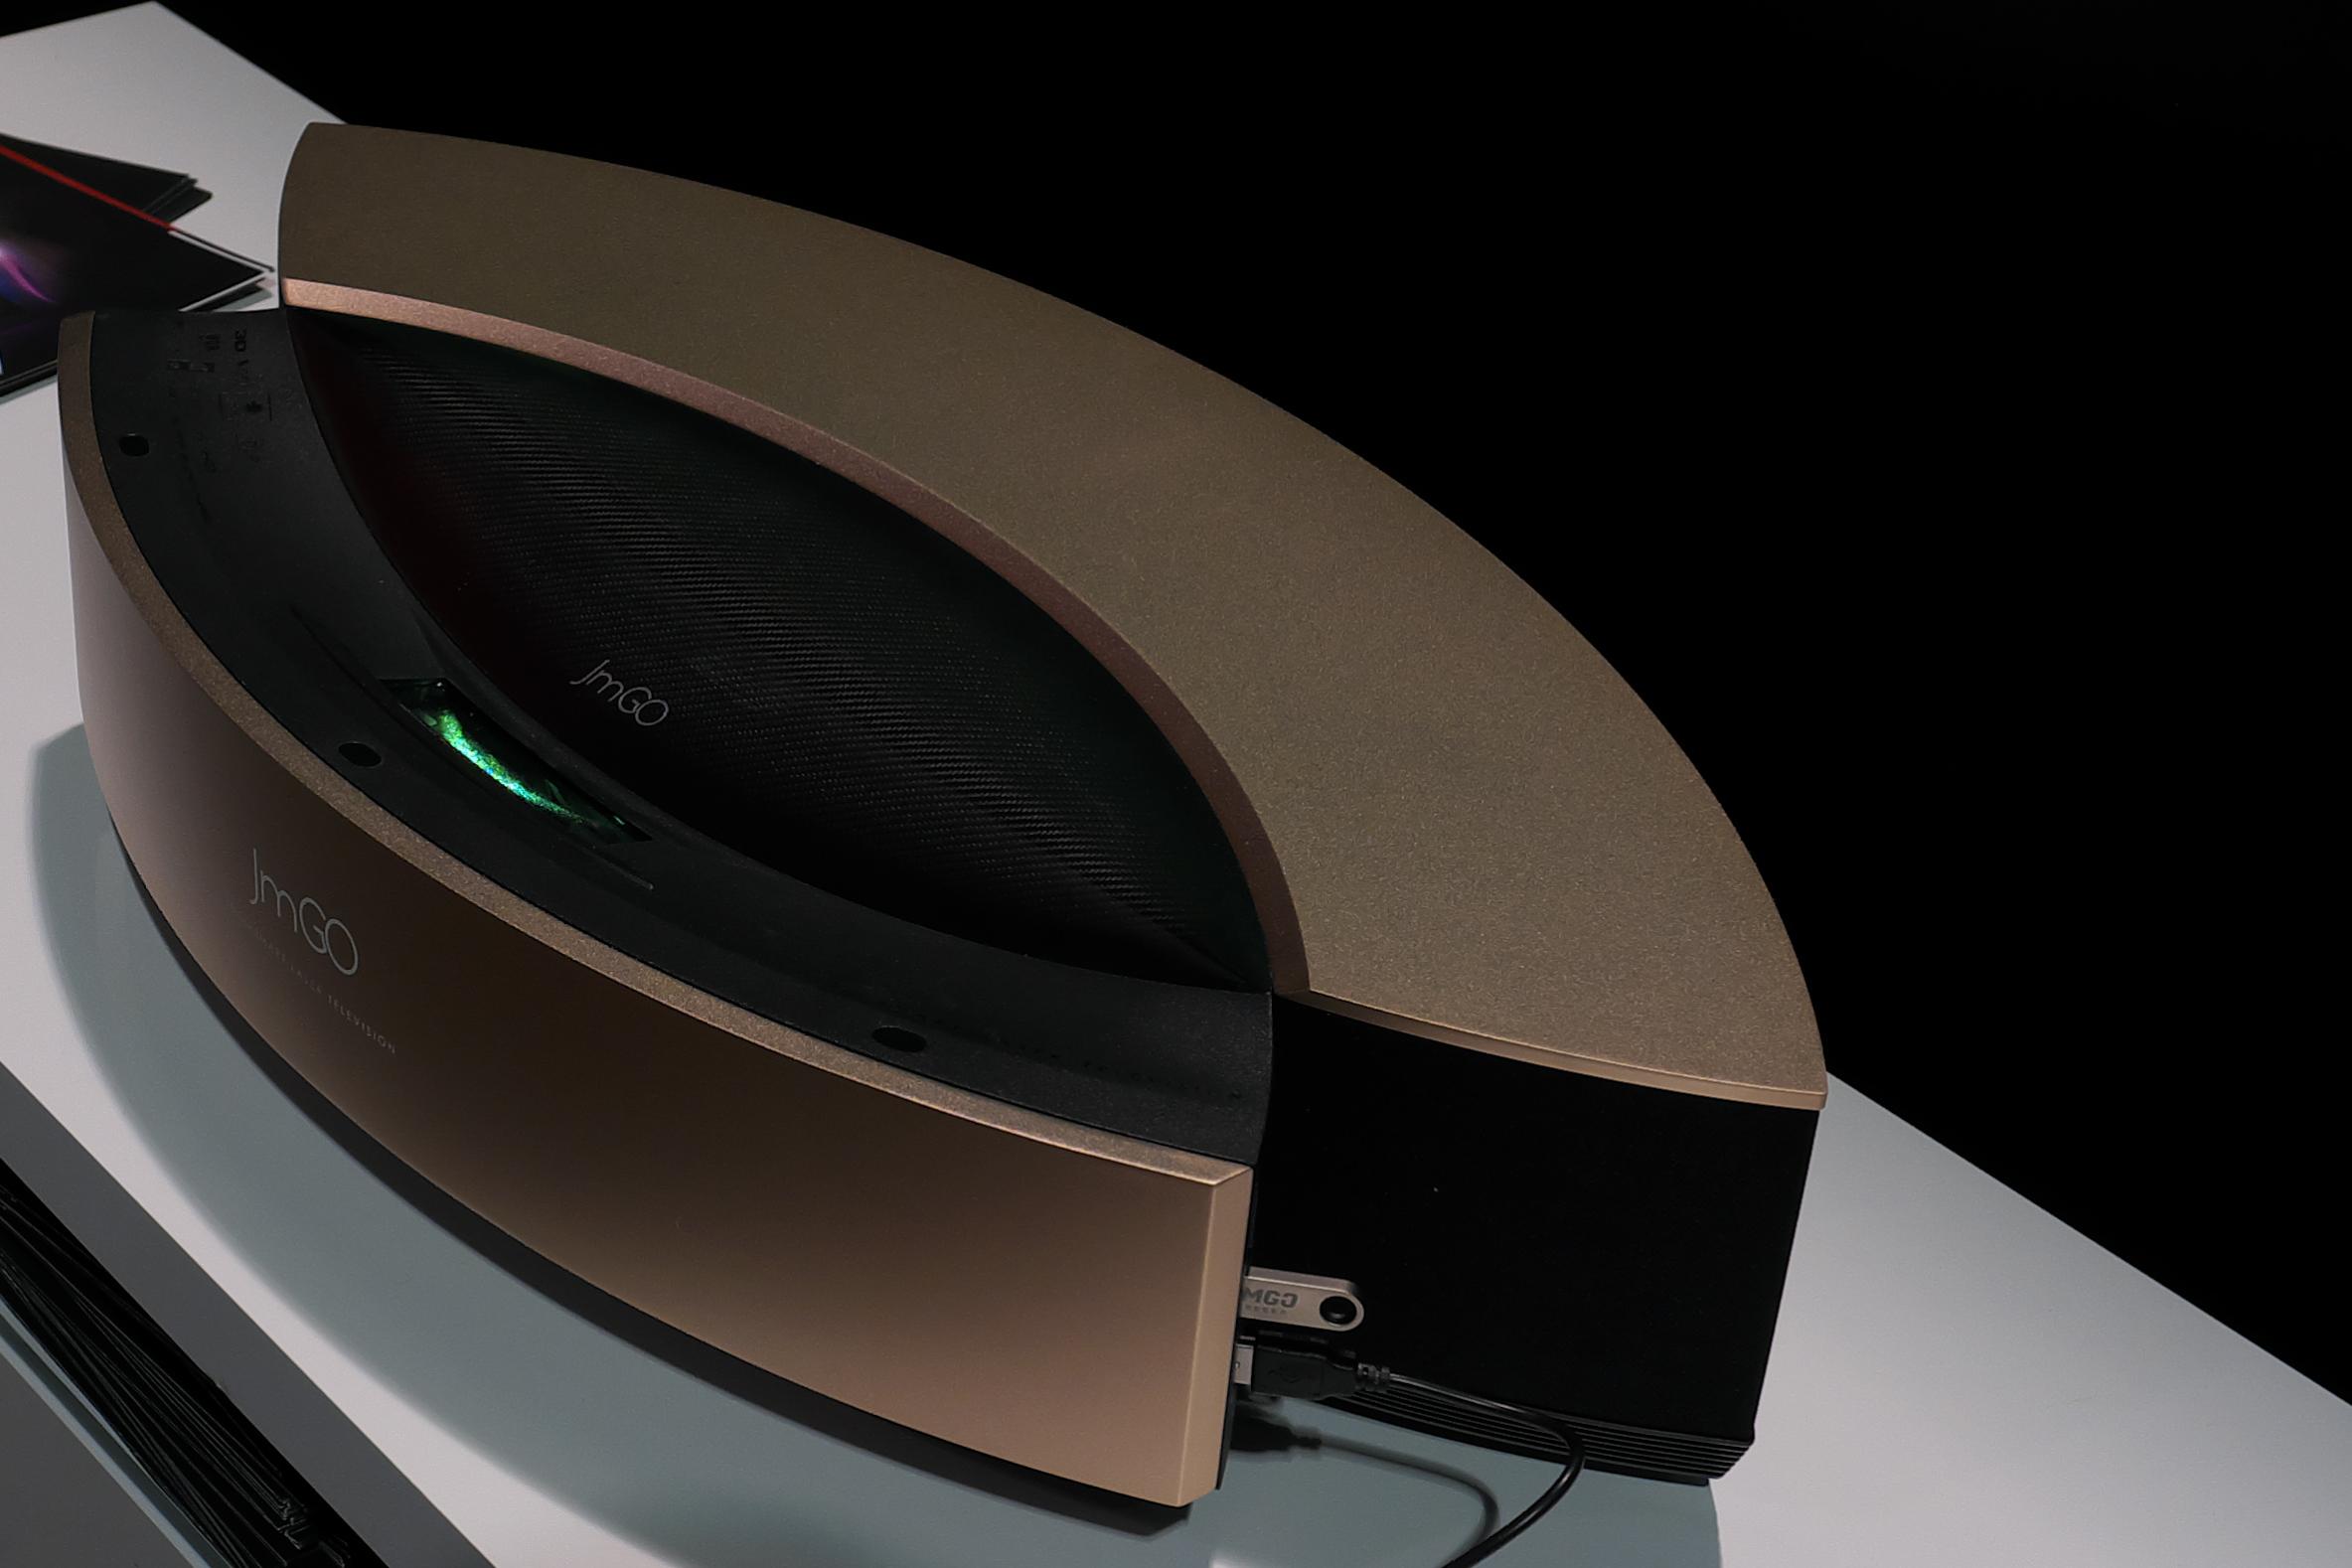 The JMGO S1 Pro's sleek design and beautiful rose gold finish